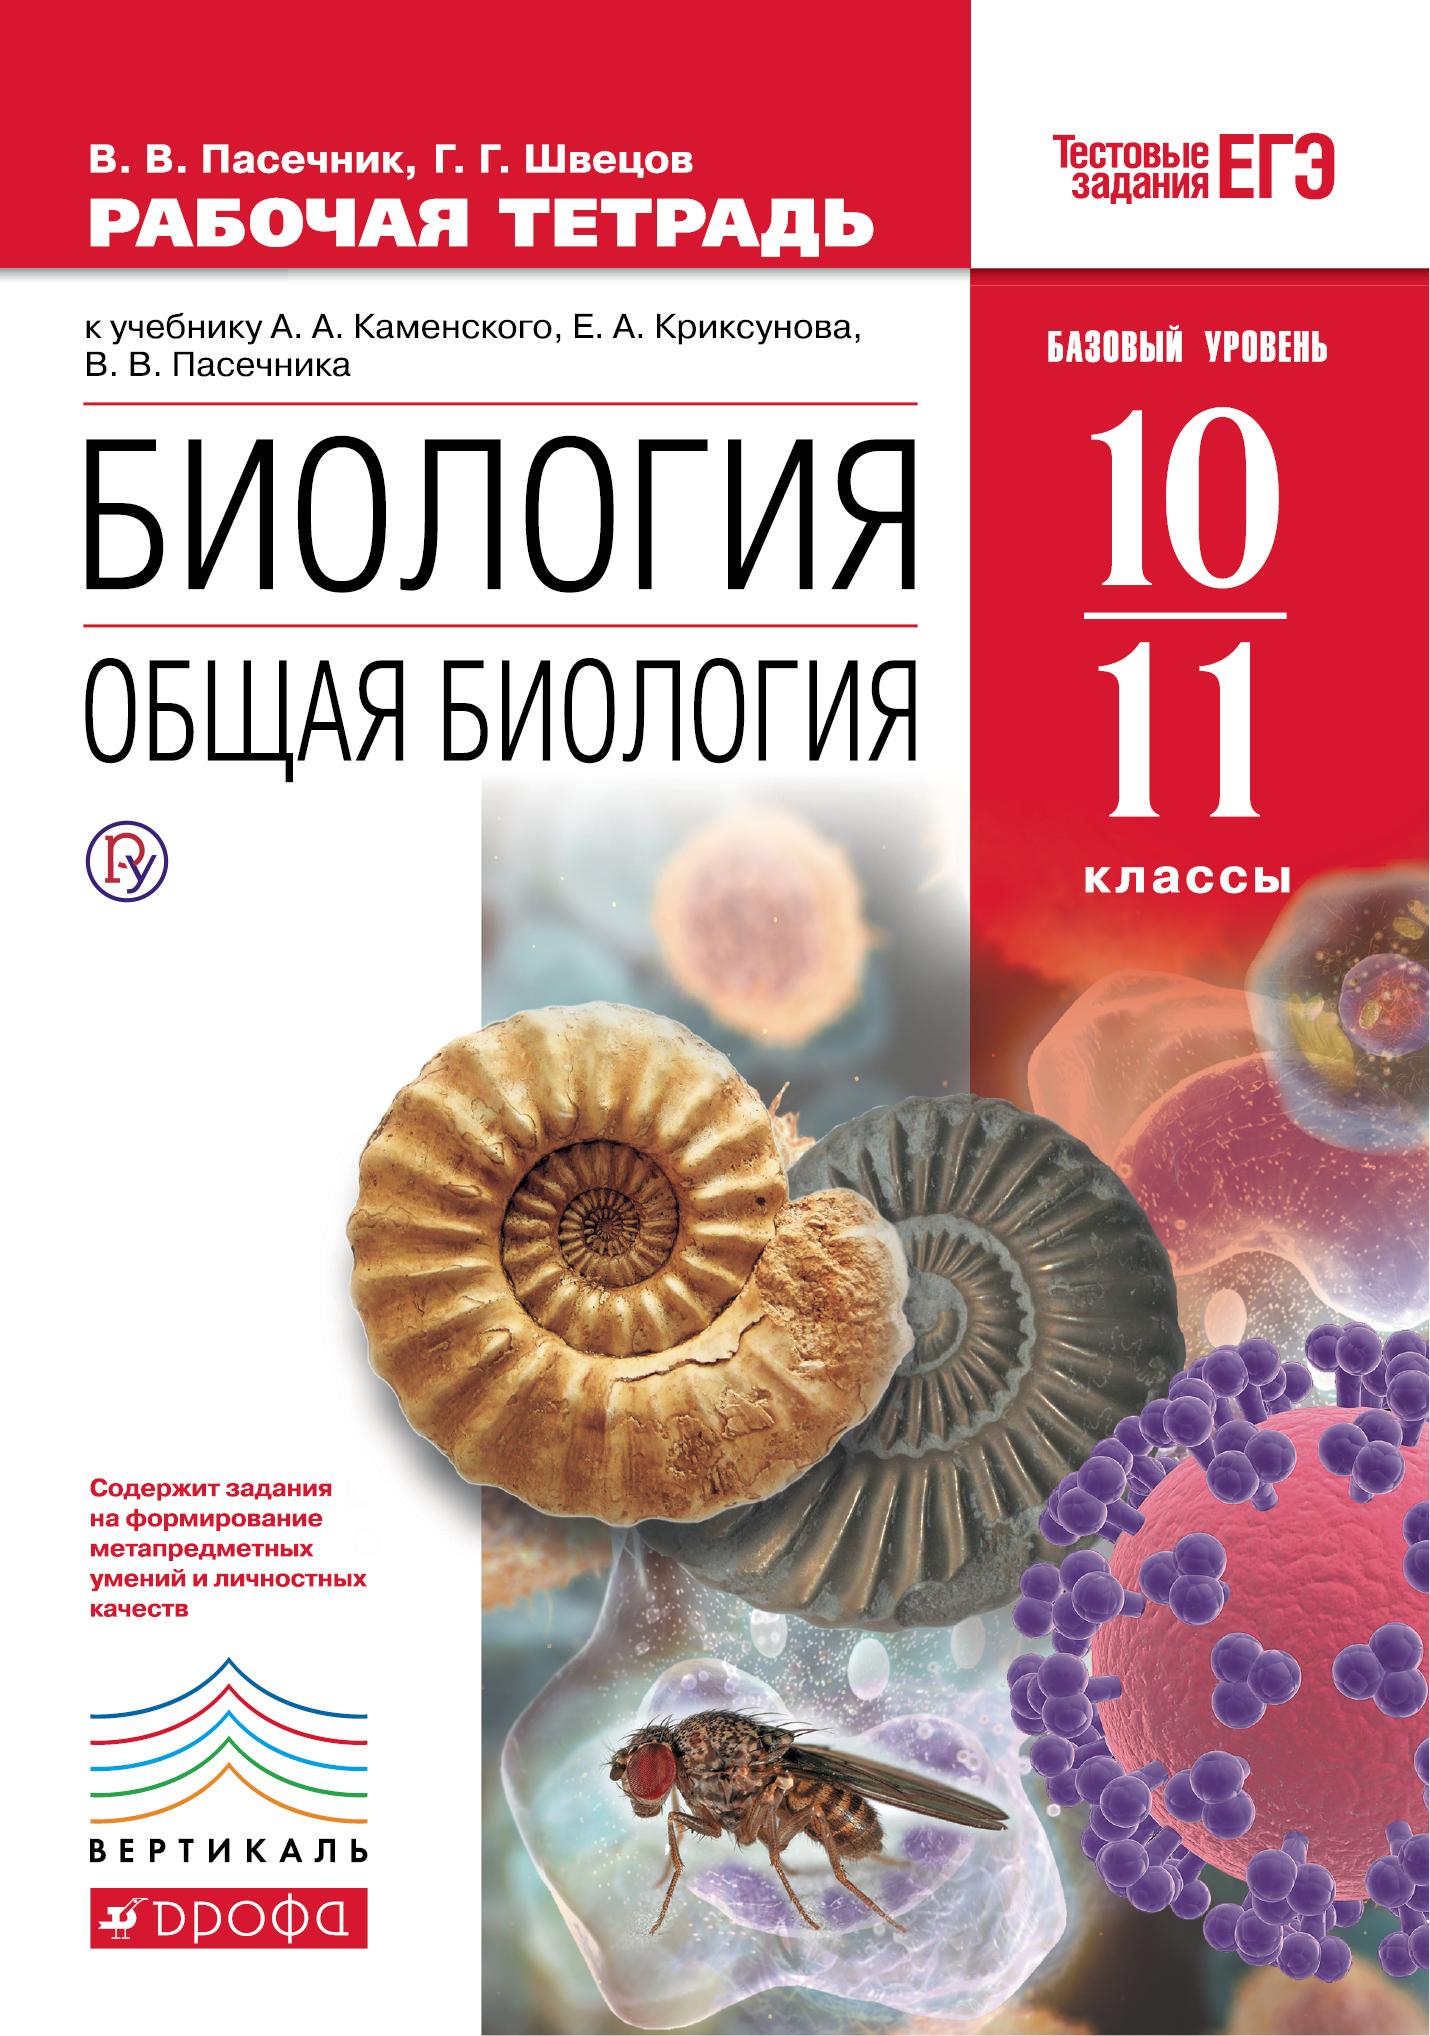 Общая биология. 10-11 классы. Базовый уровень. Рабочая тетрадь (С тестовыми заданиями ЕГЭ) (Красный) ВЕРТИКАЛЬ